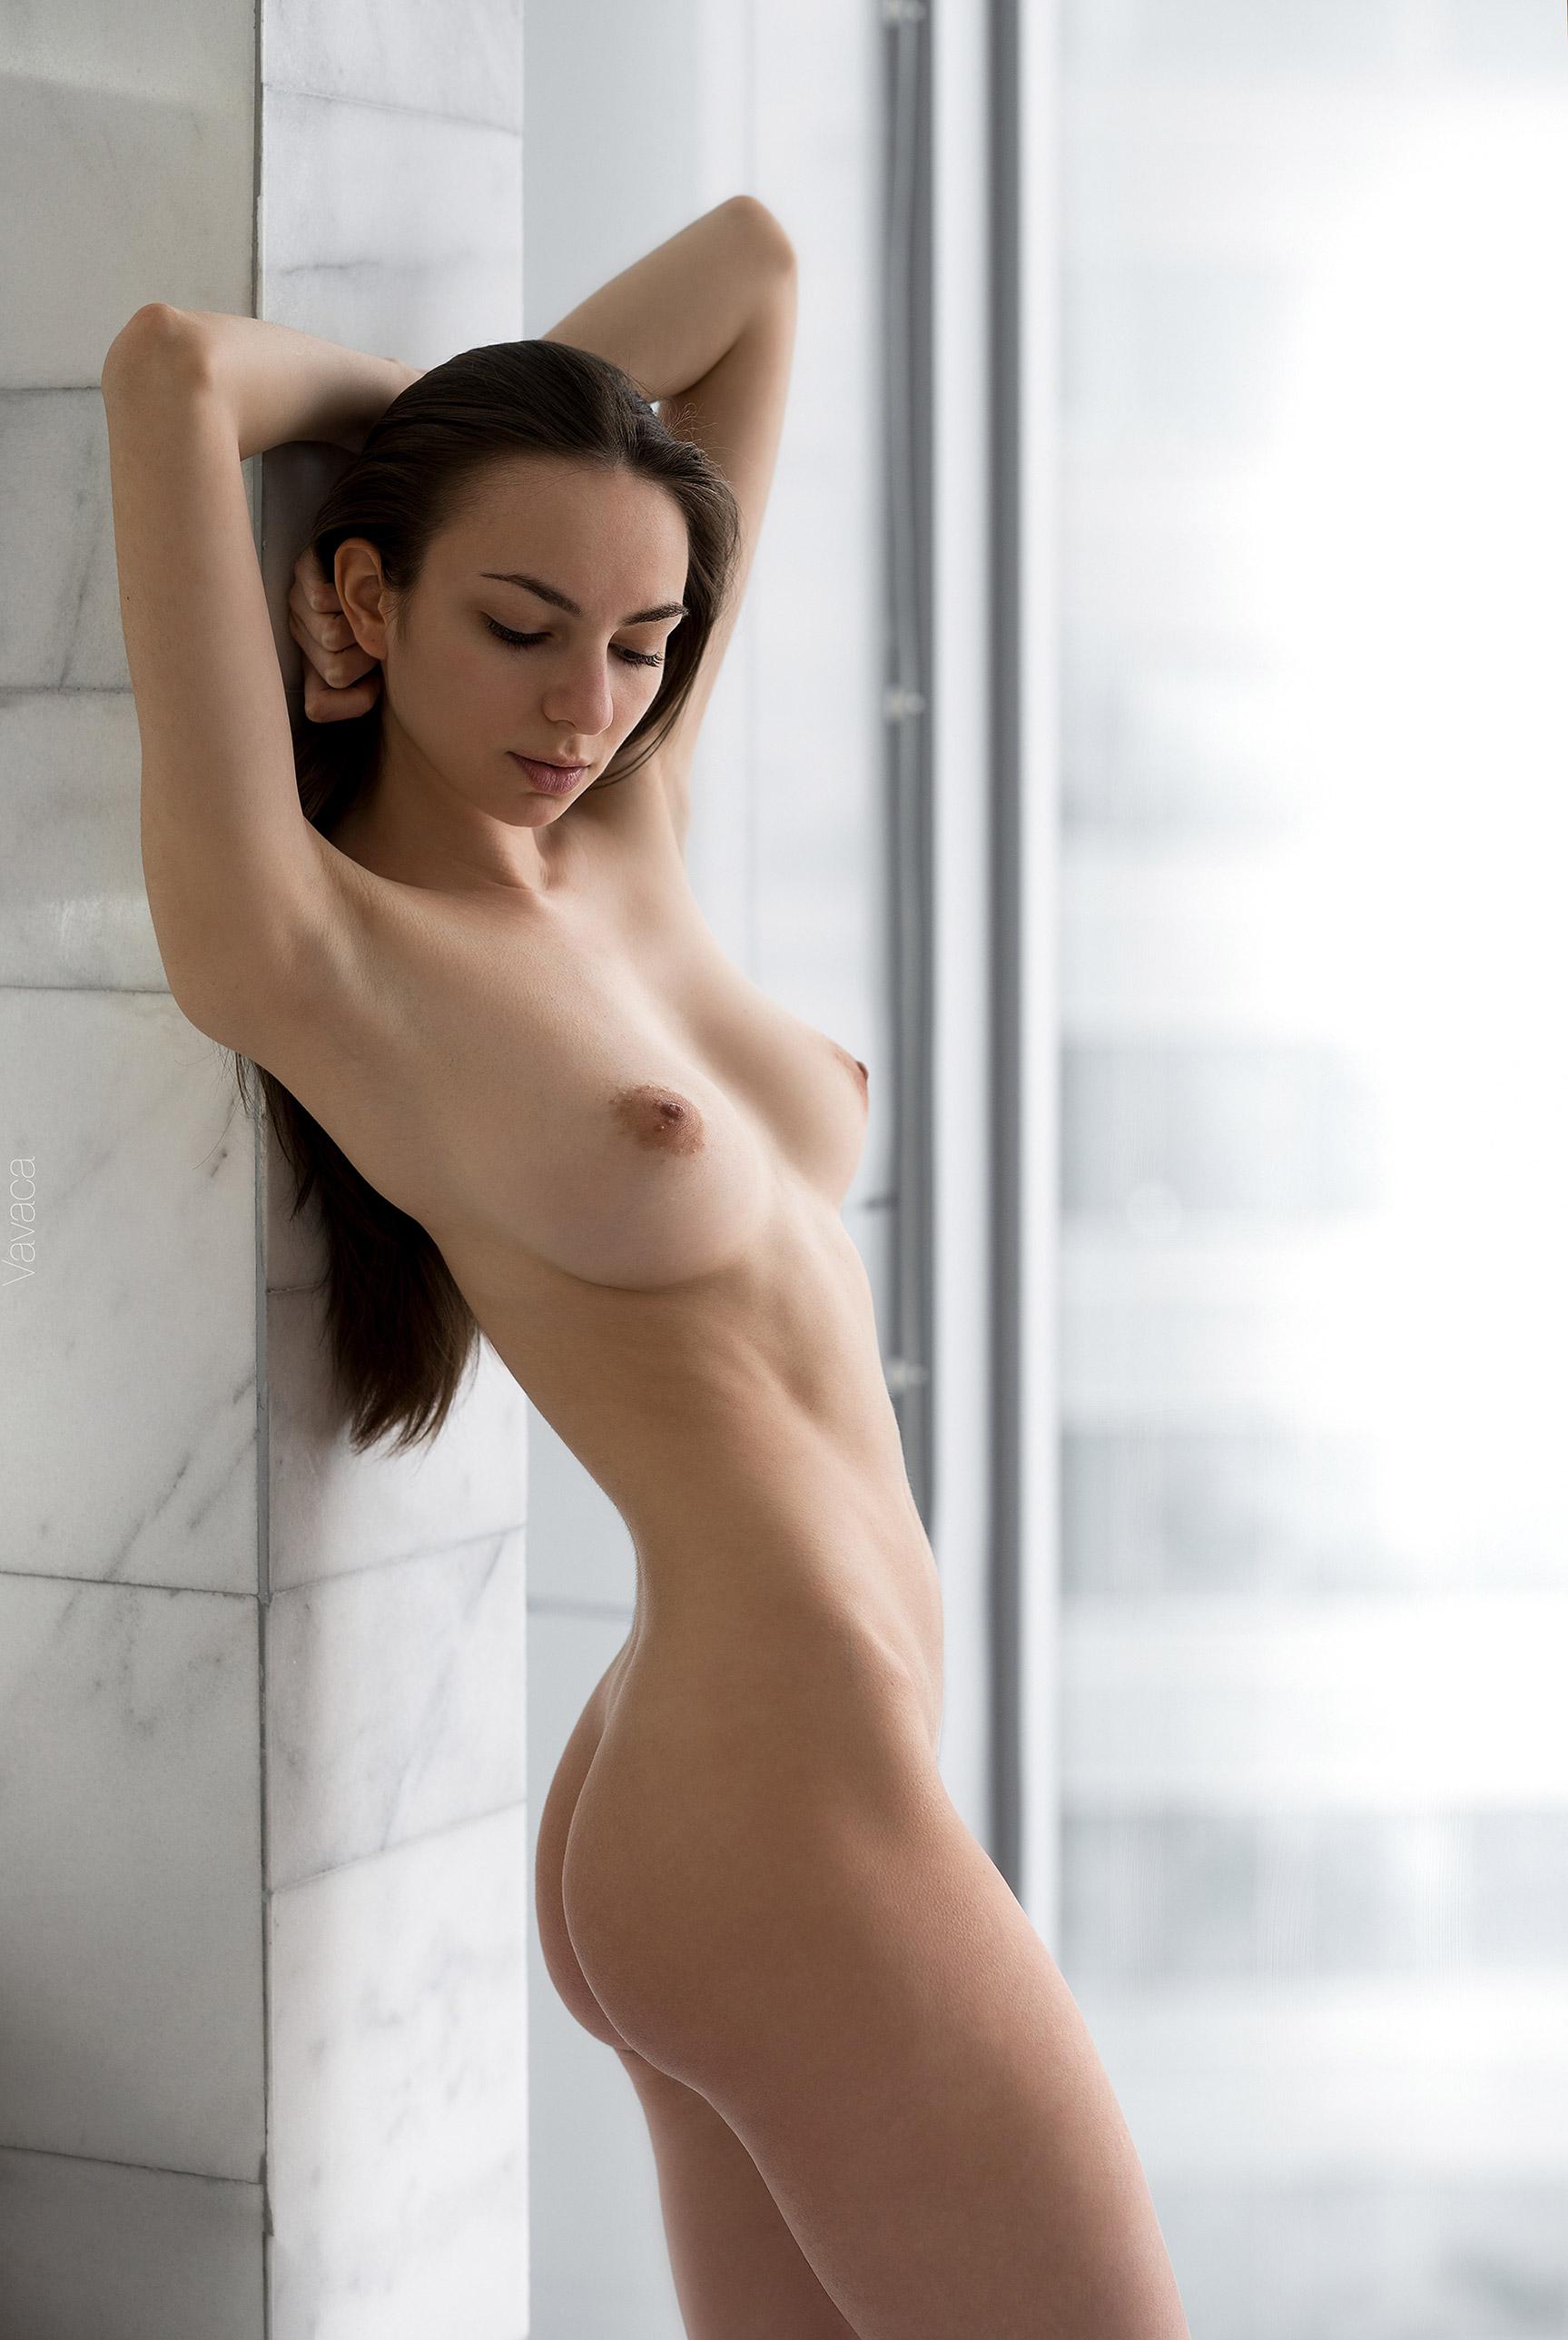 Маргарита, фотограф Владимир Николаев / Margo Amp nude by Vladimir Nikolaev